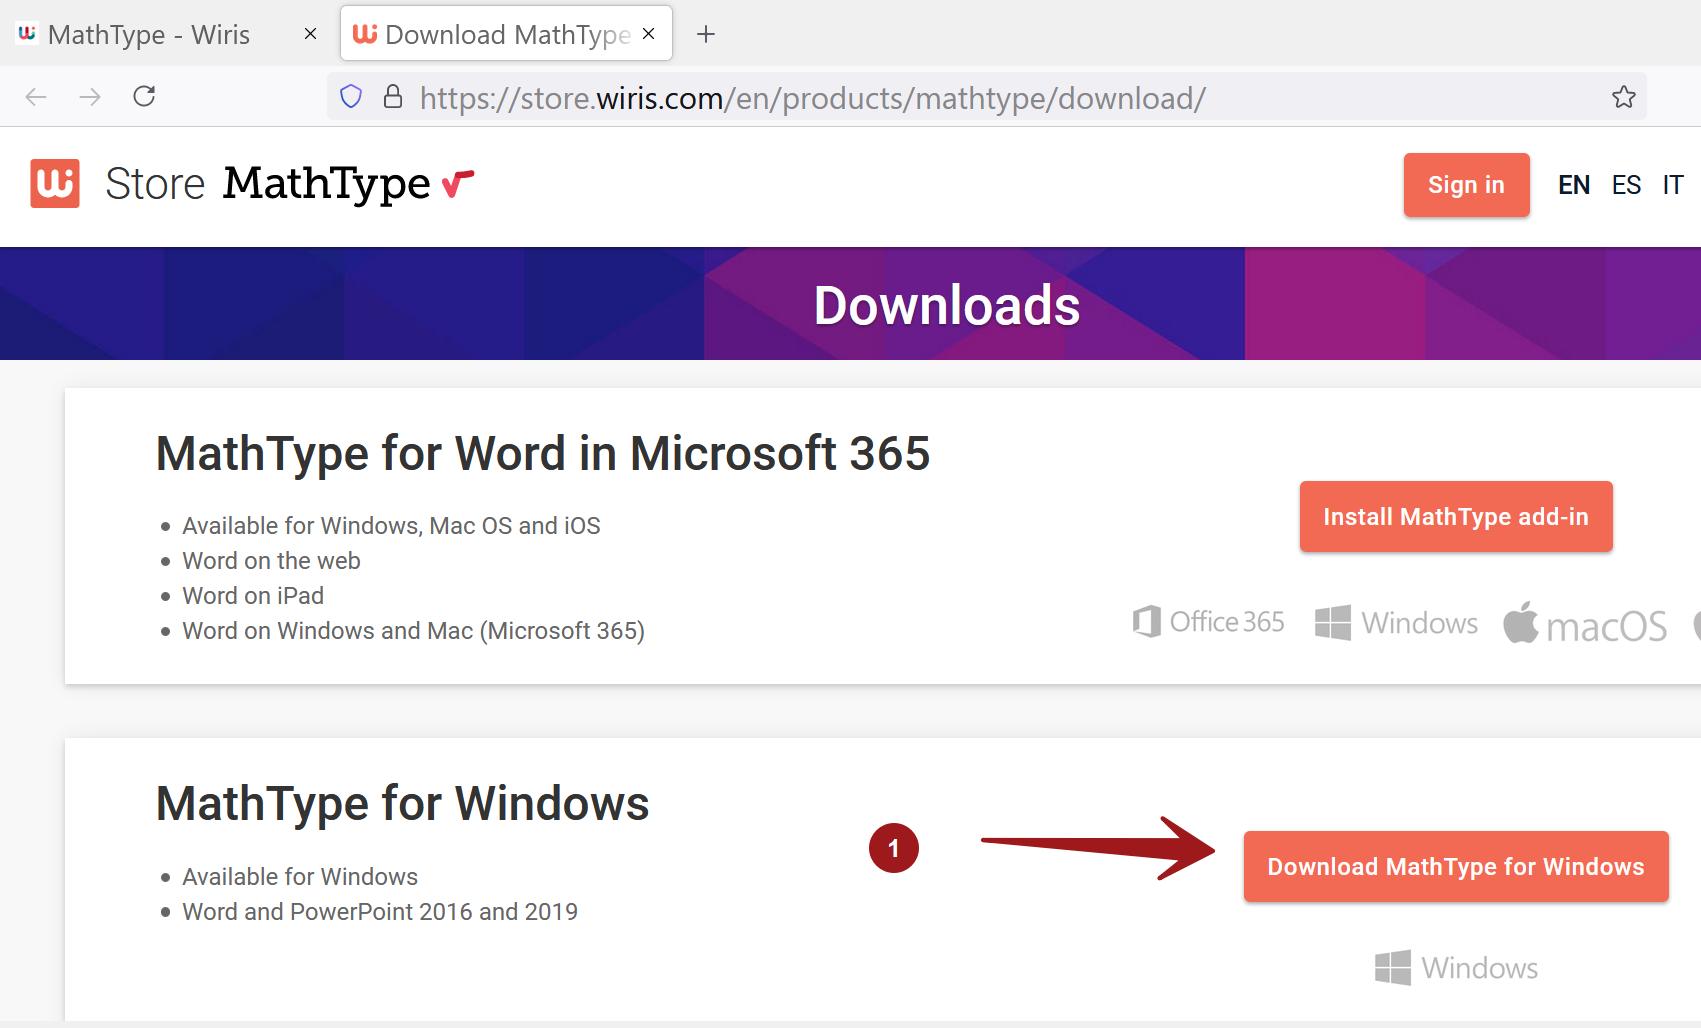 MathType for Windows